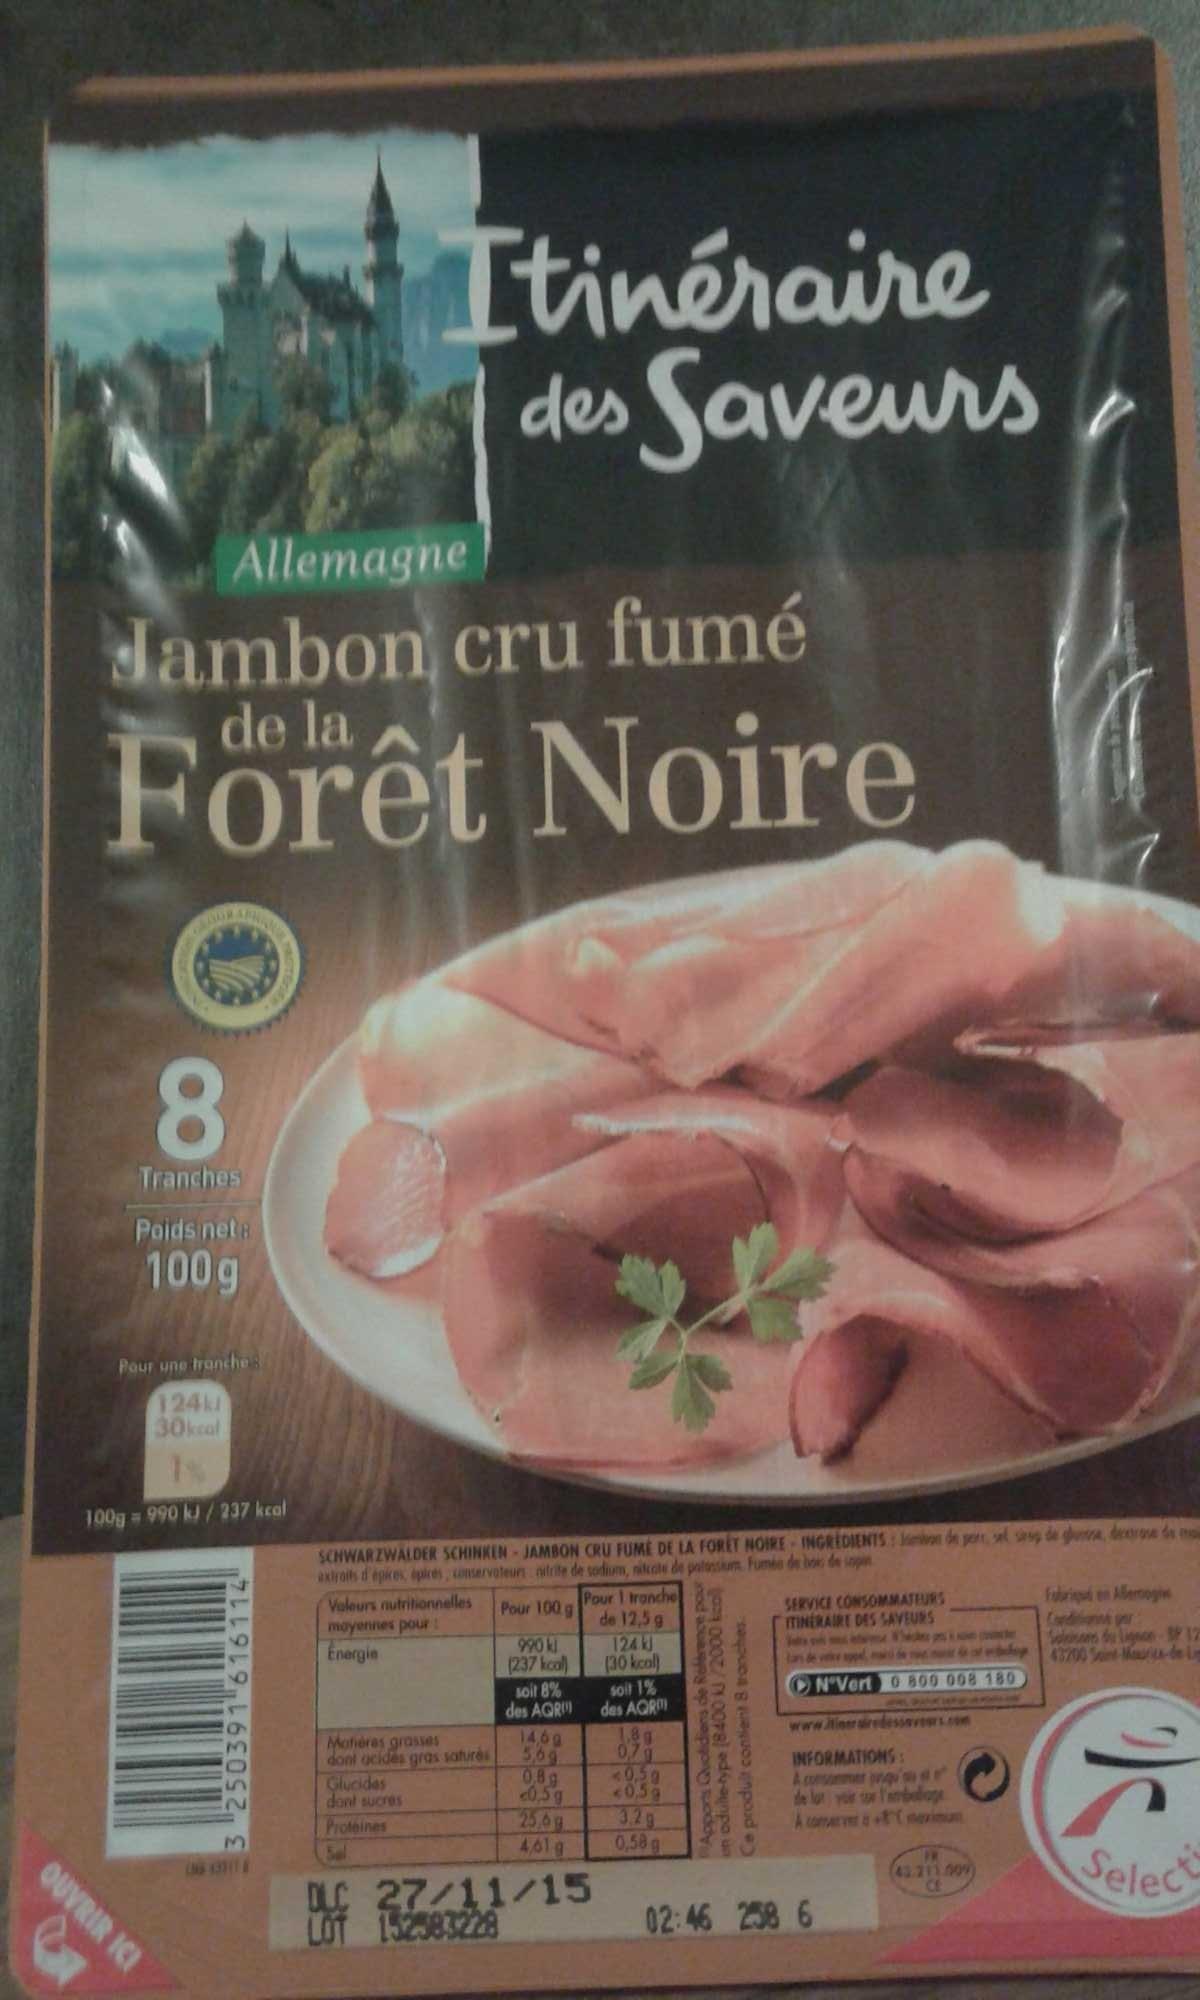 Jambon cru fumé de la forêt noire - Product - fr